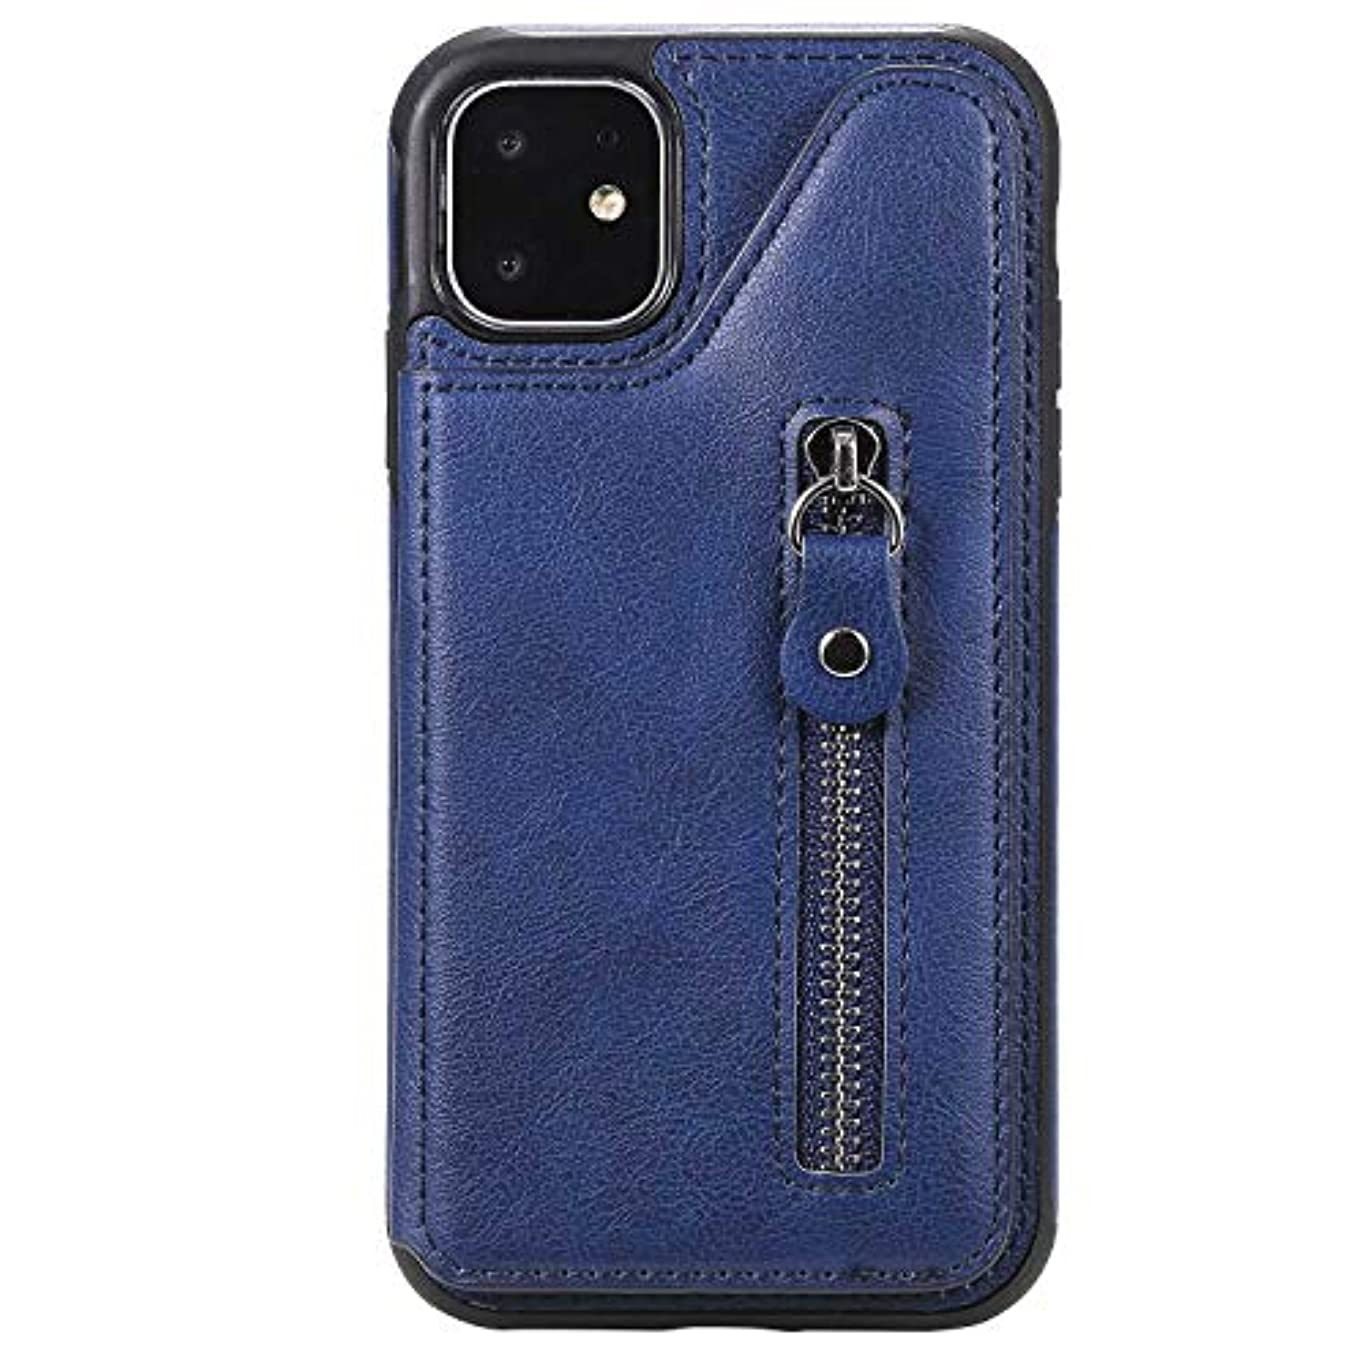 北裏切り続編OMATENTI iPhone 11 6.1 ケース, PUレザー 薄型 簡約風 人気 新品 バックケース iPhone 11 6.1 用 Case Cover, 財布とコインポケット付き, 液晶保護 カード収納, 青